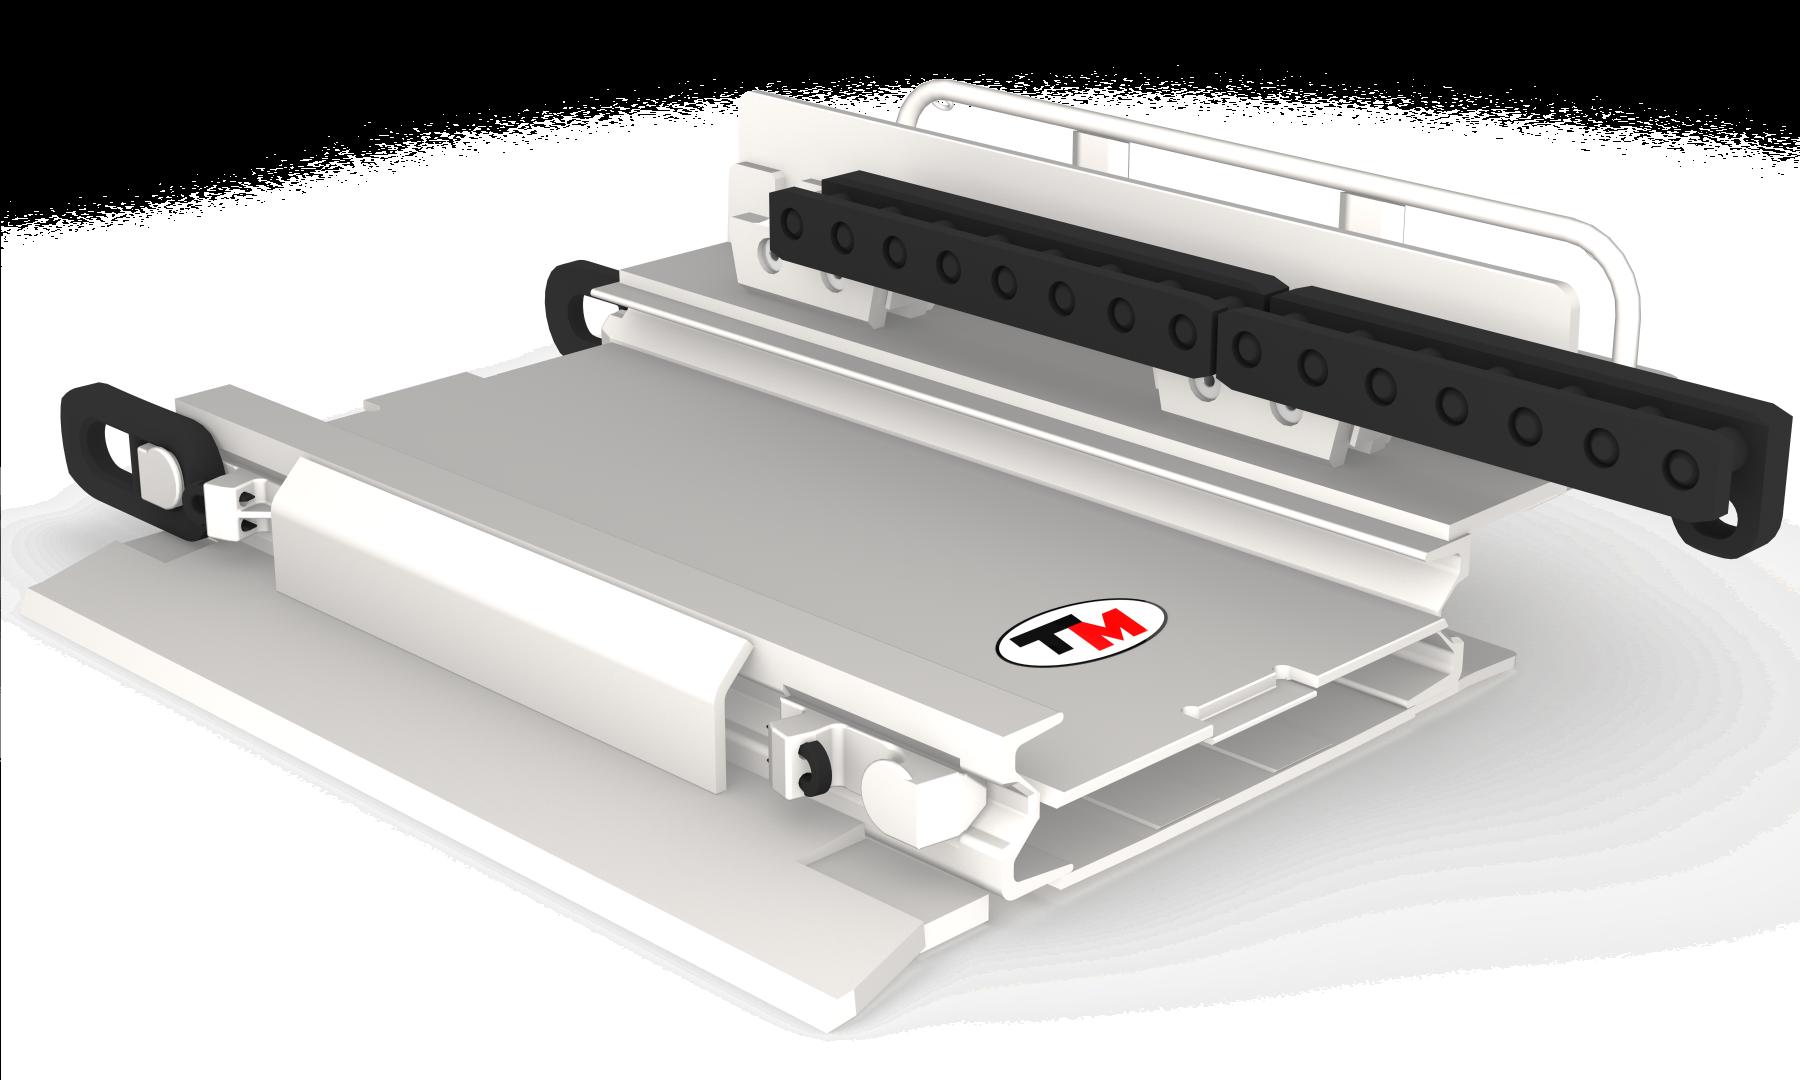 Видео скребкового конвейера панель приборов купить т4 транспортер